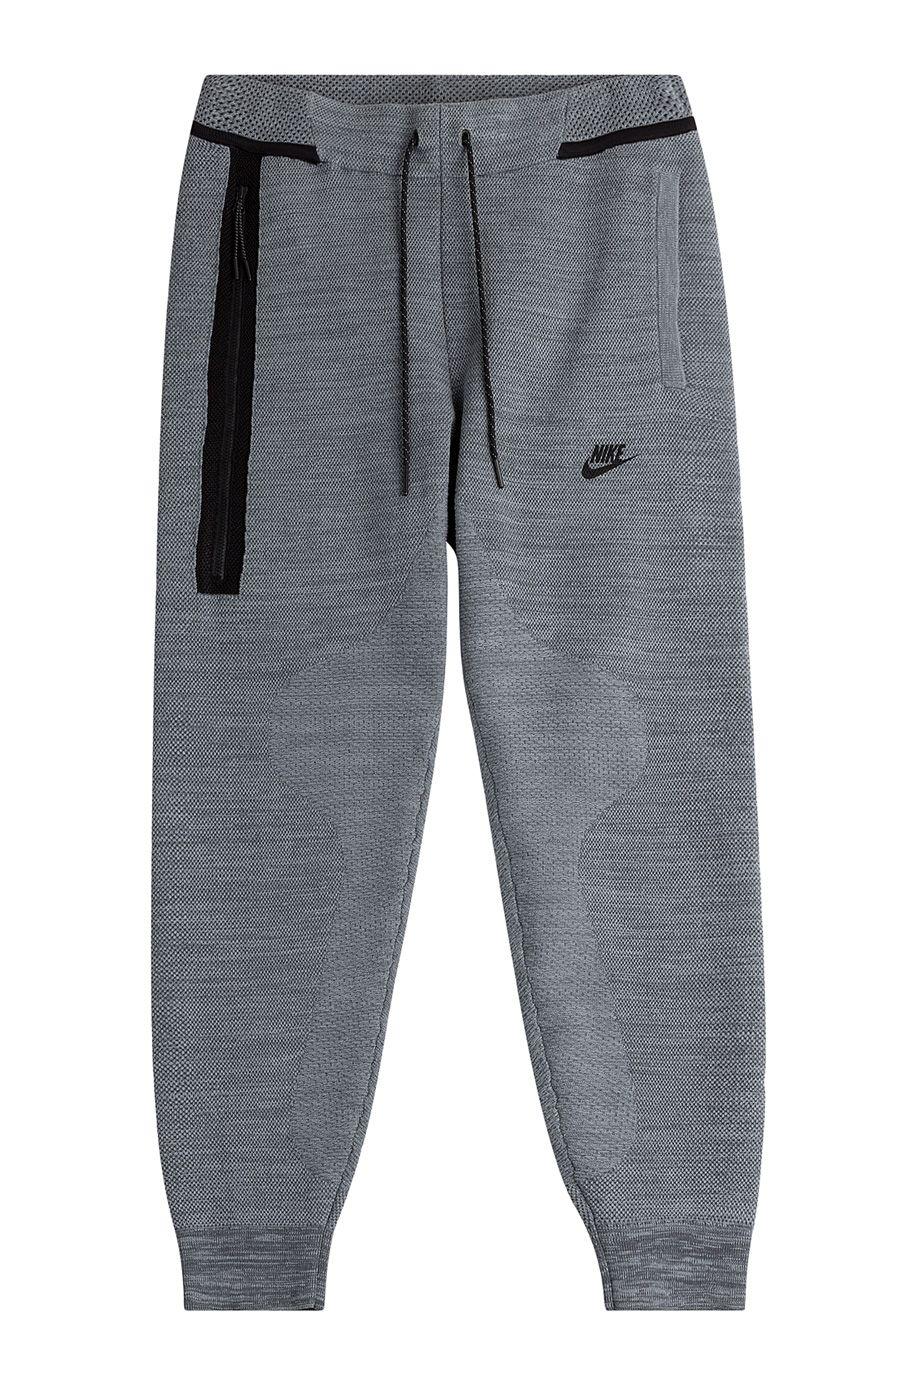 e47f52654646b NIKE Cotton Blend Tech Knit Sweatpants.  nike  cloth  trousers ...